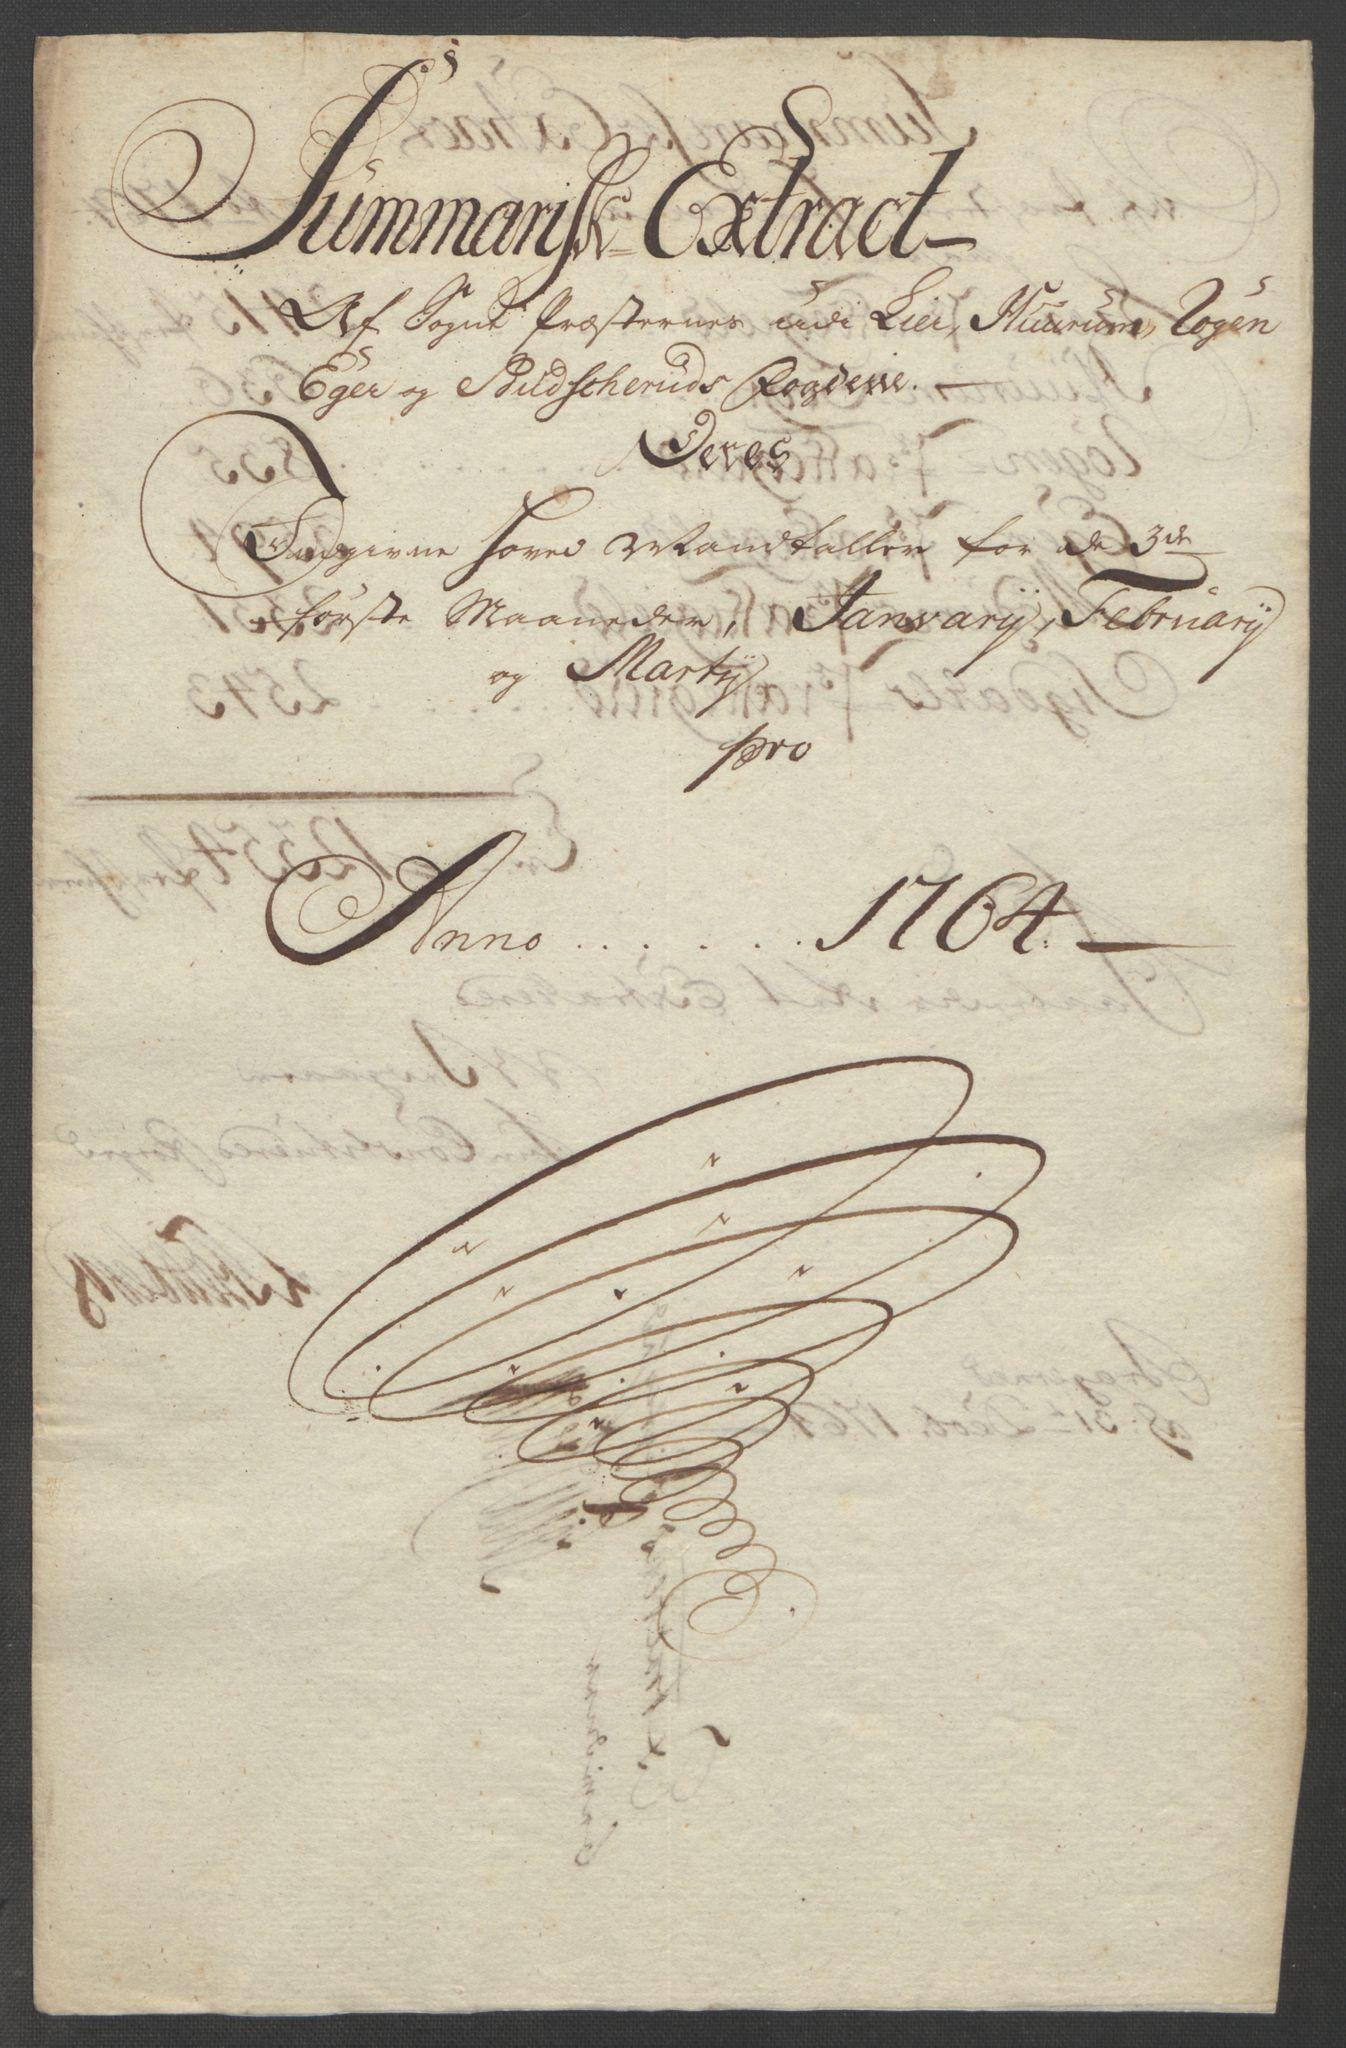 RA, Rentekammeret inntil 1814, Reviderte regnskaper, Fogderegnskap, R31/L1833: Ekstraskatten Hurum, Røyken, Eiker, Lier og Buskerud, 1762-1764, s. 163